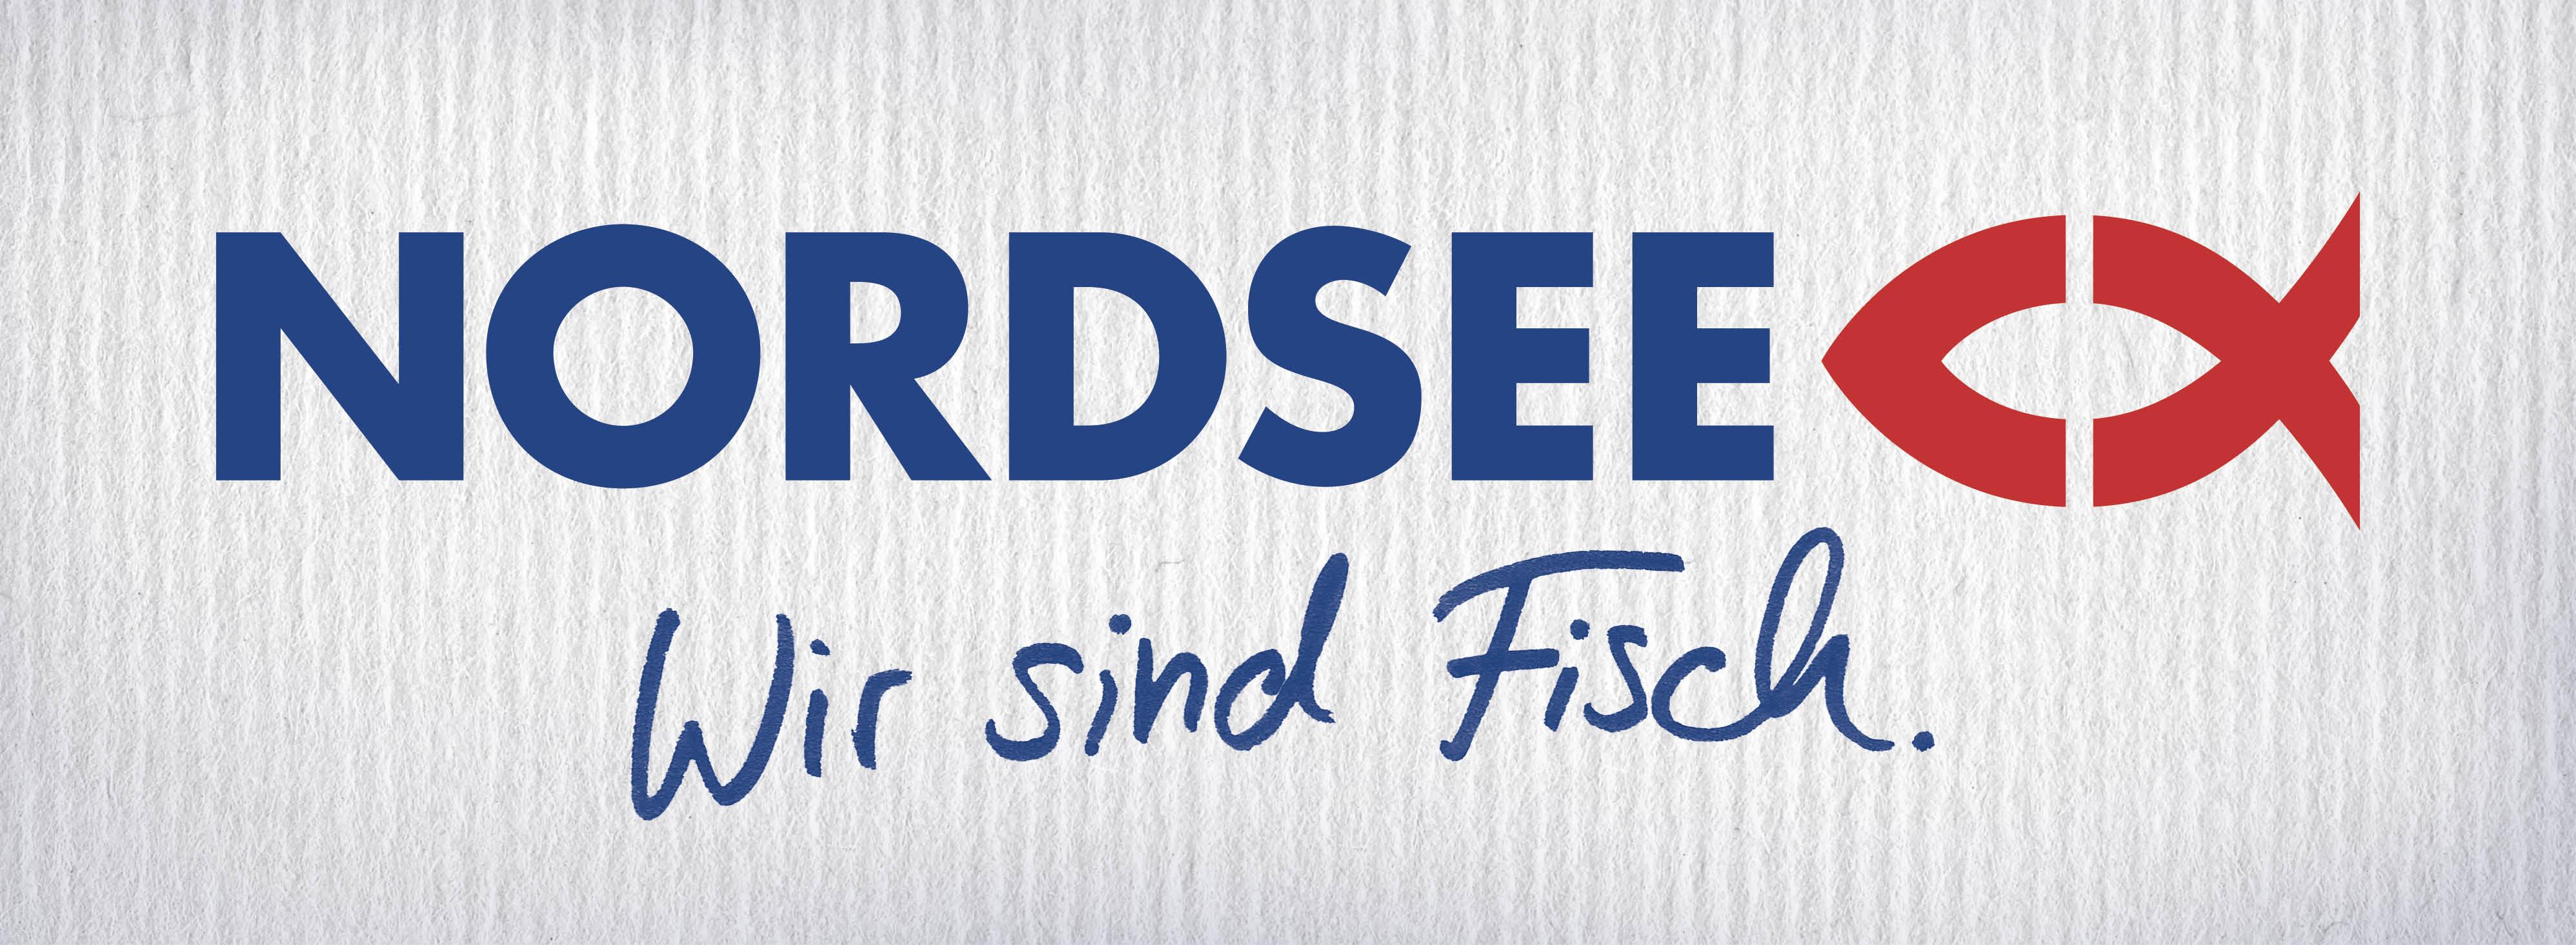 NORDSEE Gutscheine - bis 04.03.2018